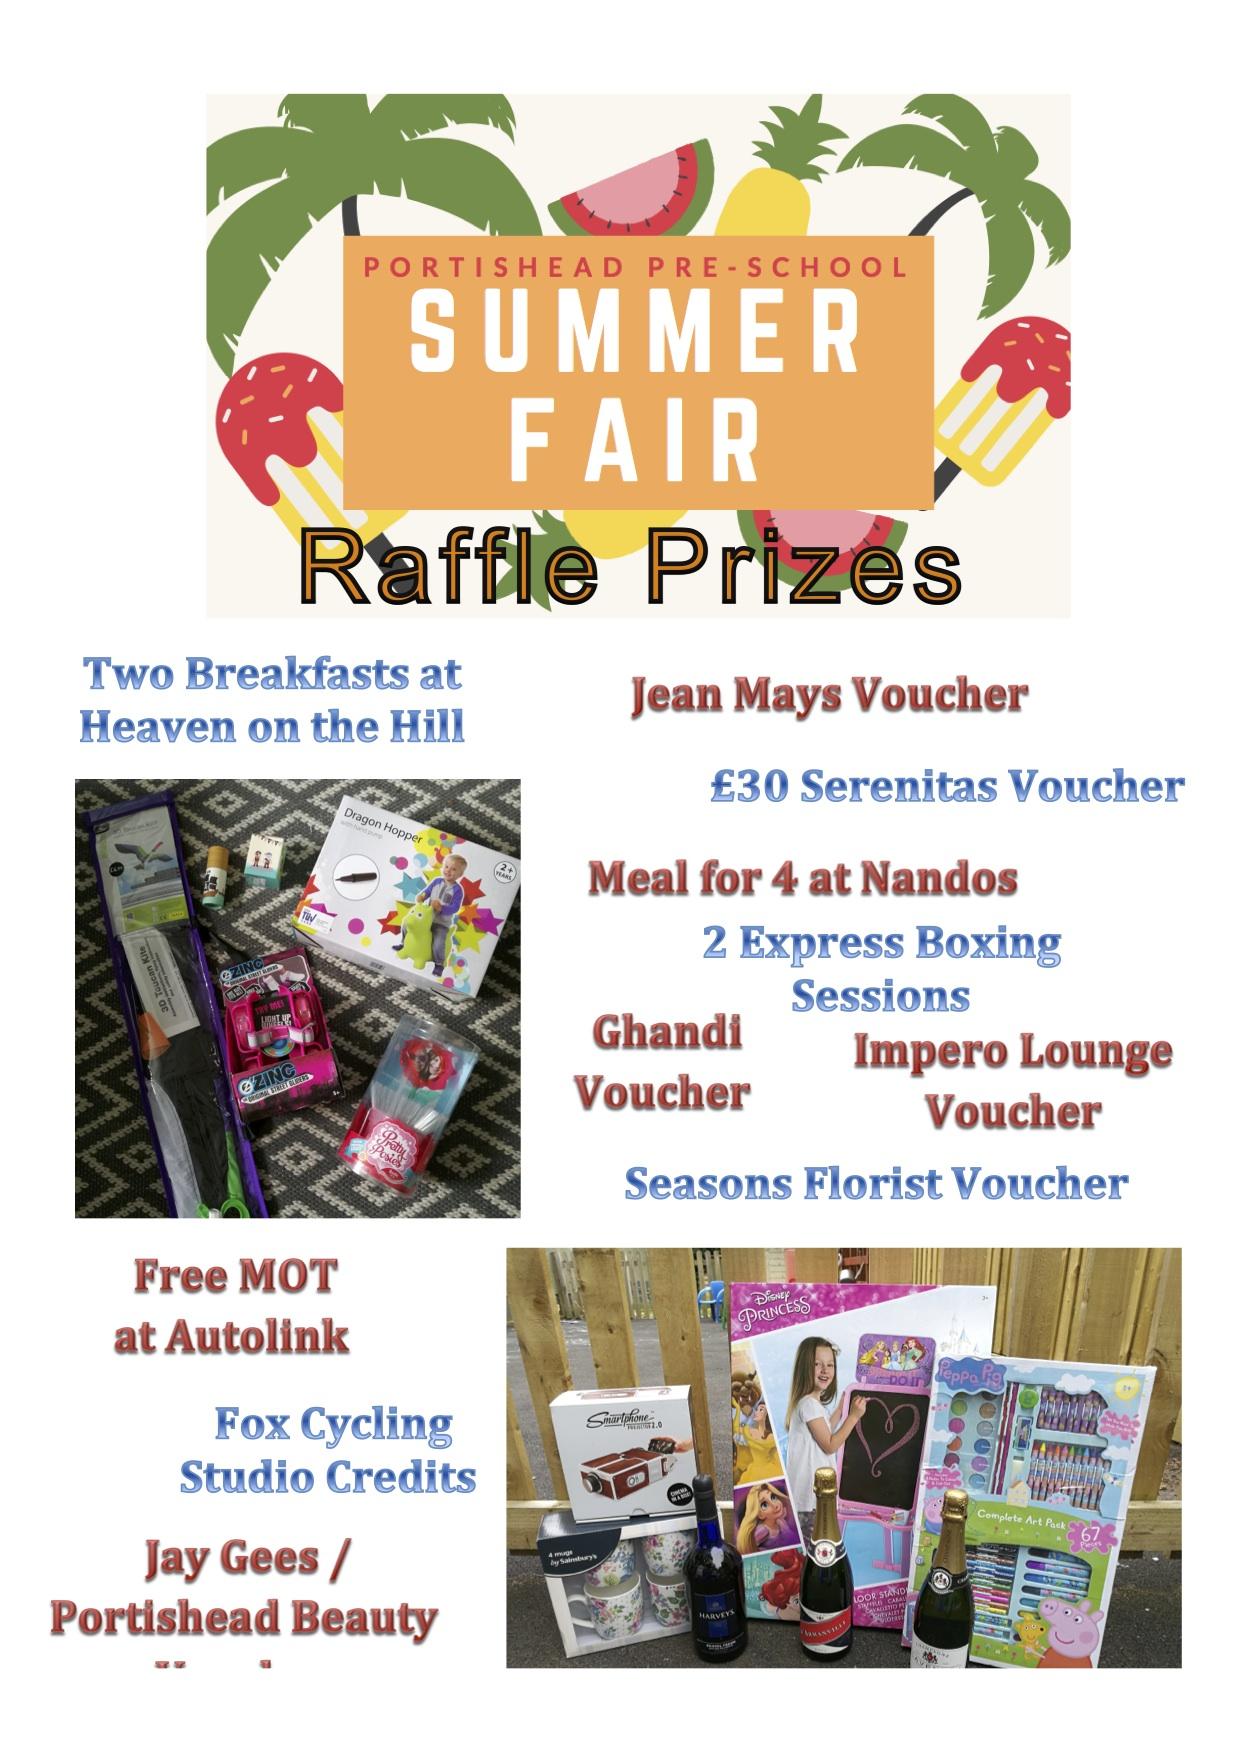 Raffle Prizes Portishead PreSchool